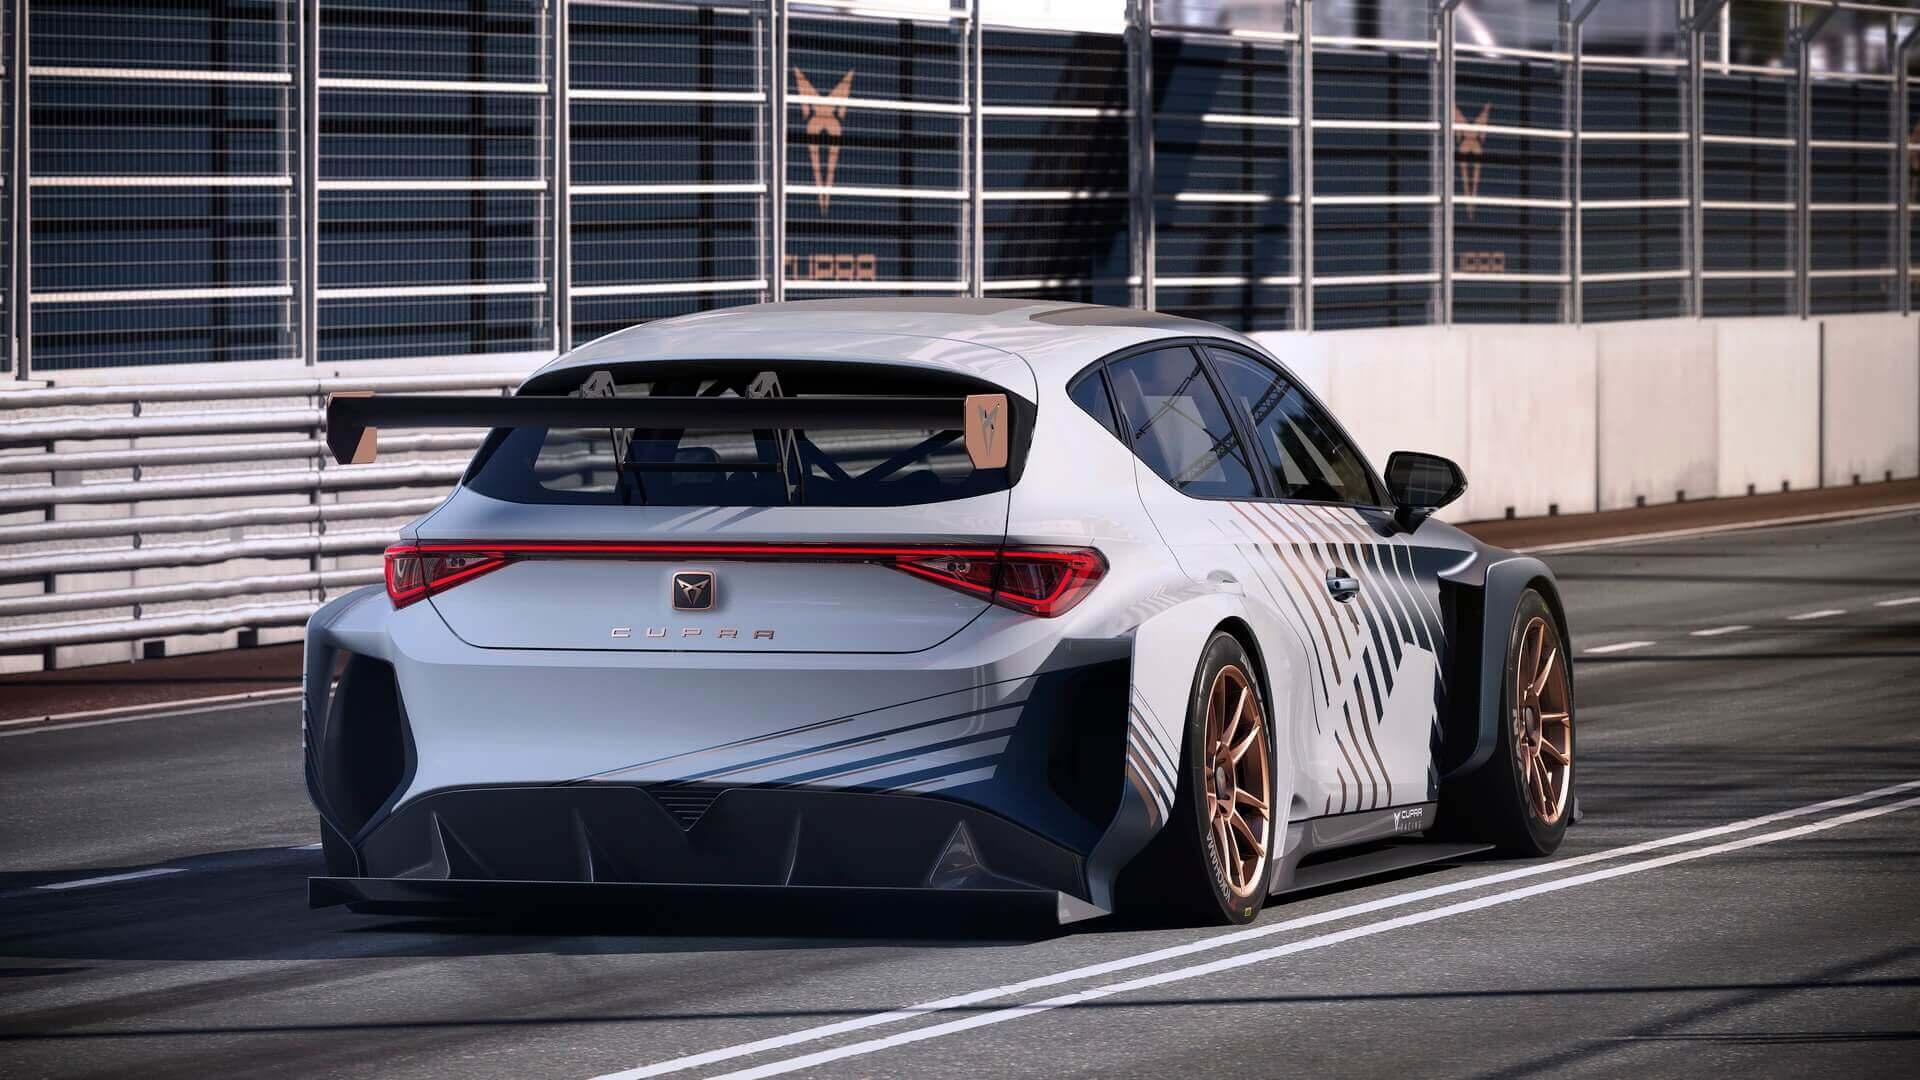 CUPRA e-Racer - полностью электрический туристический автомобиль с мощностью 670 л.с.